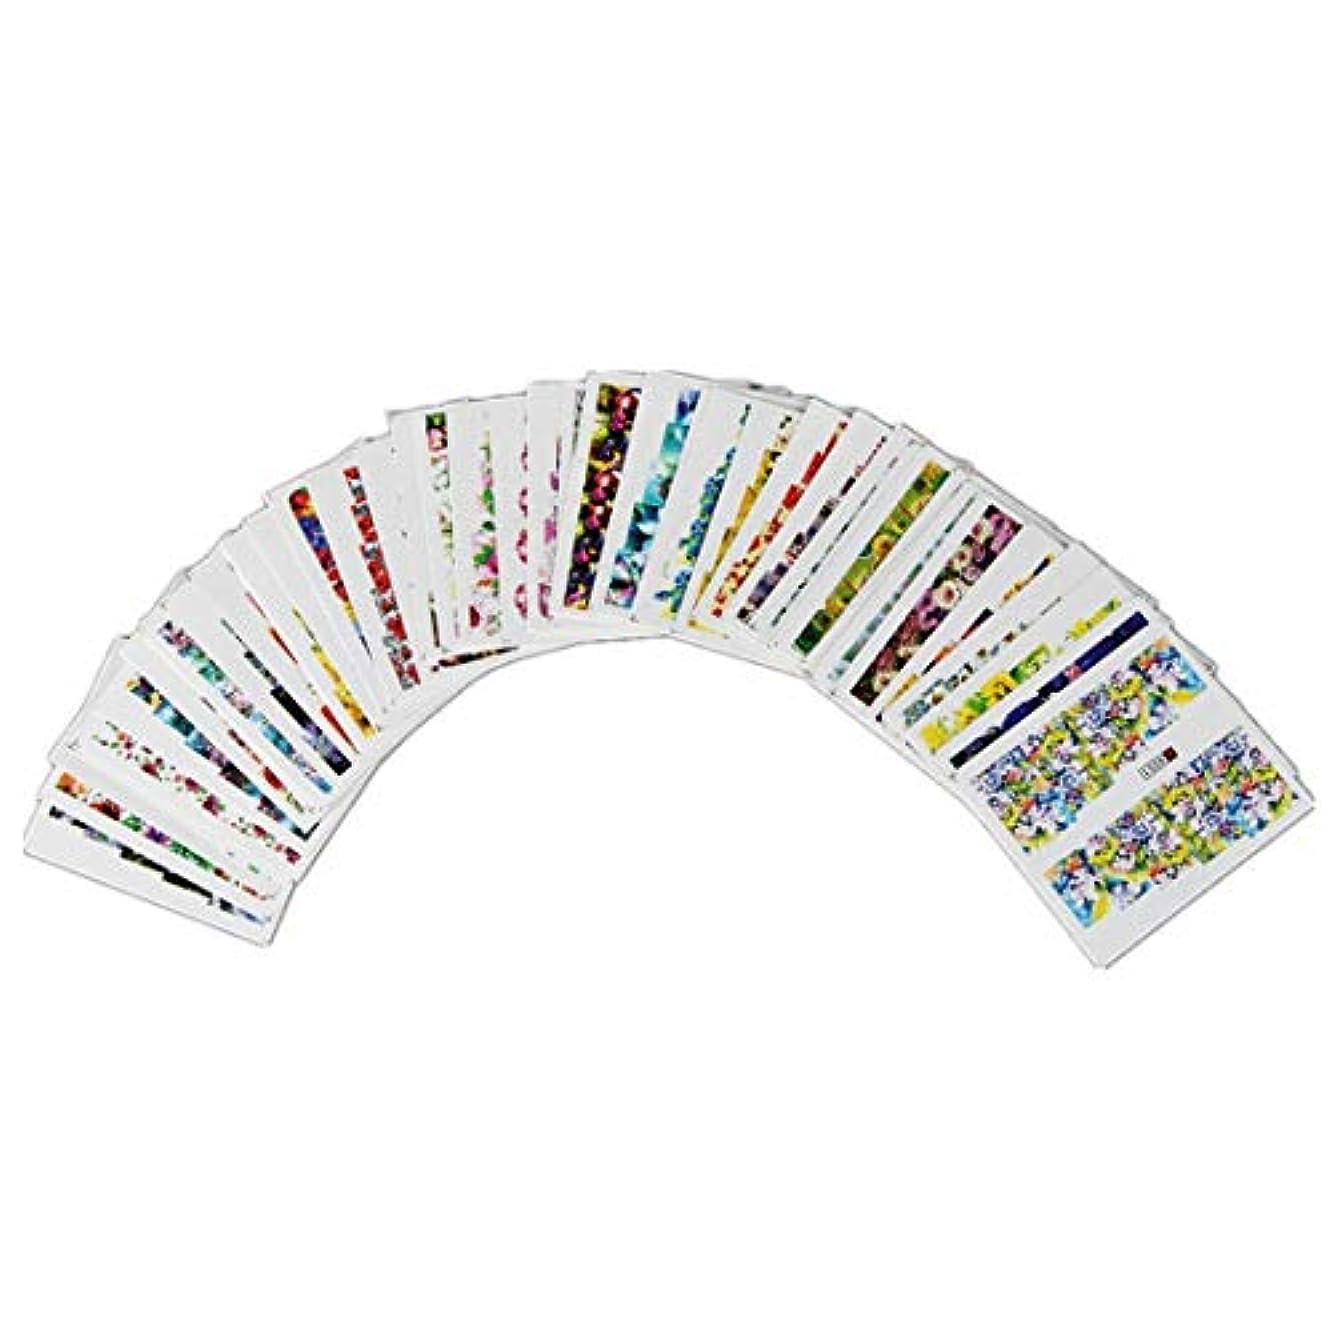 インフラ靴下勤勉なKerwinner 50枚ネイルステッカー盛り合わせパターン水転写花フラワーステッカーセット女性用爪の装飾ネイルデカールネイルアートアクセサリーマニキュアチャームヒント